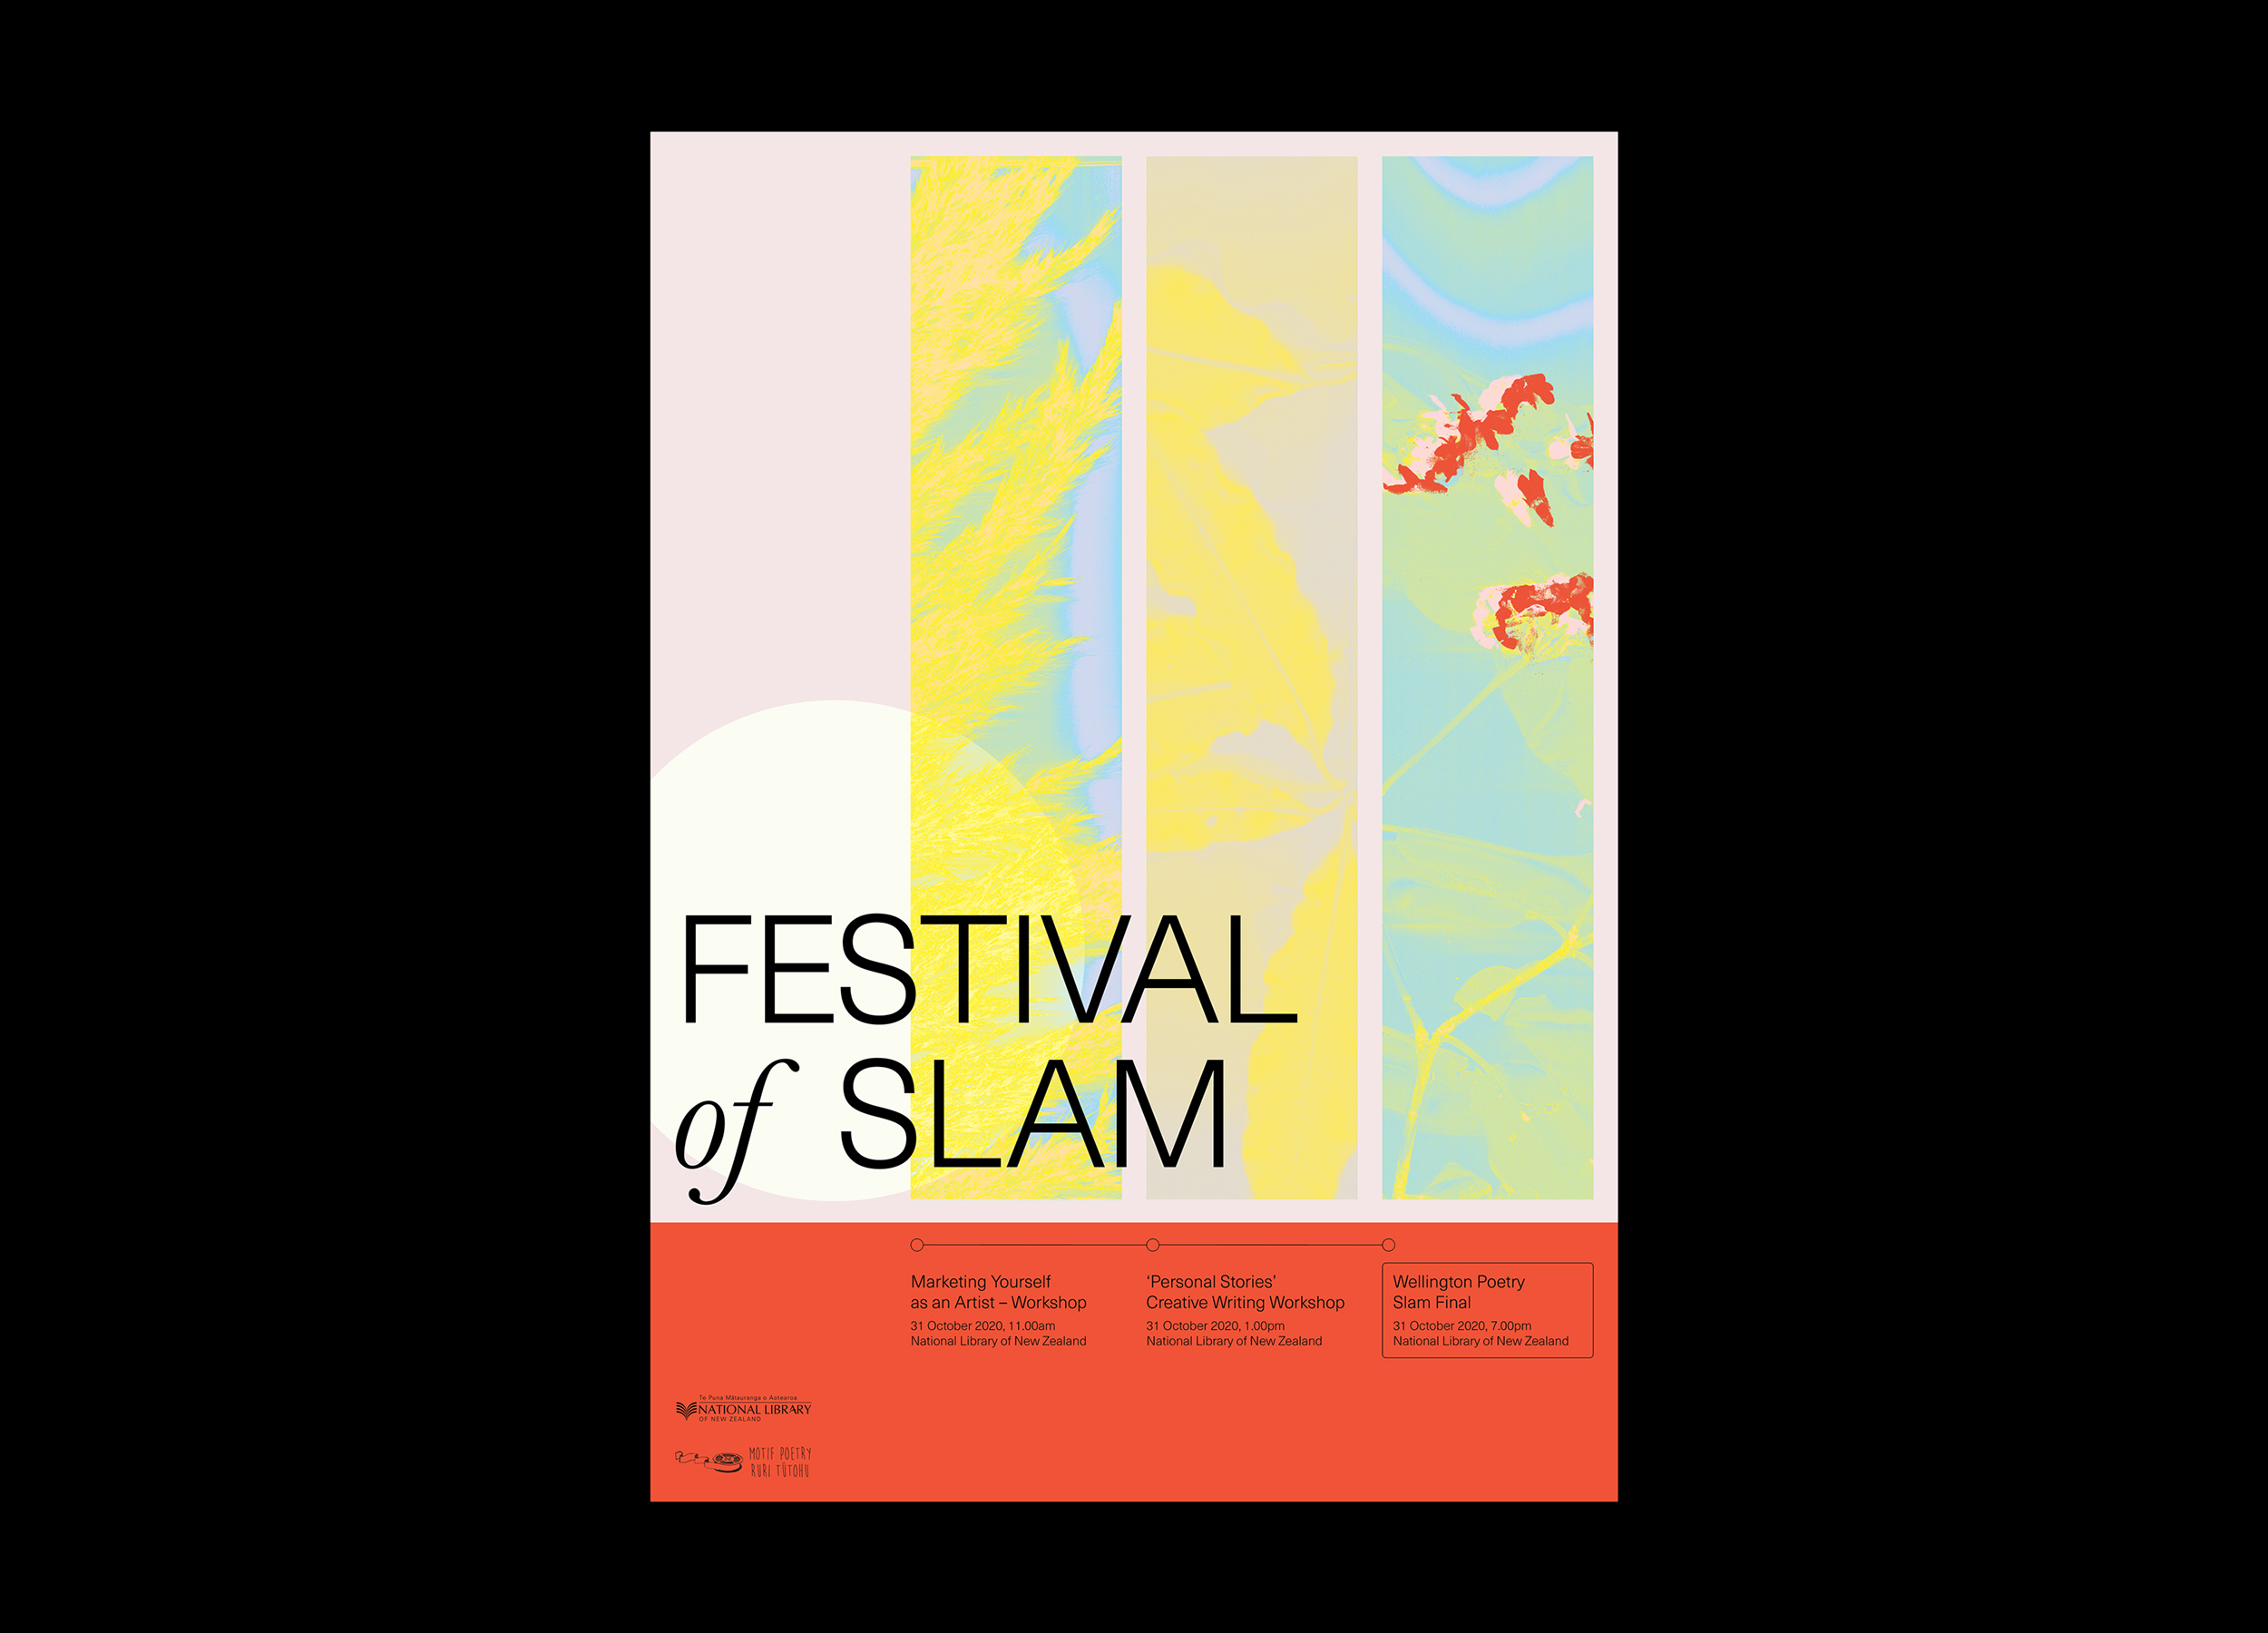 Festival of Slam poster design